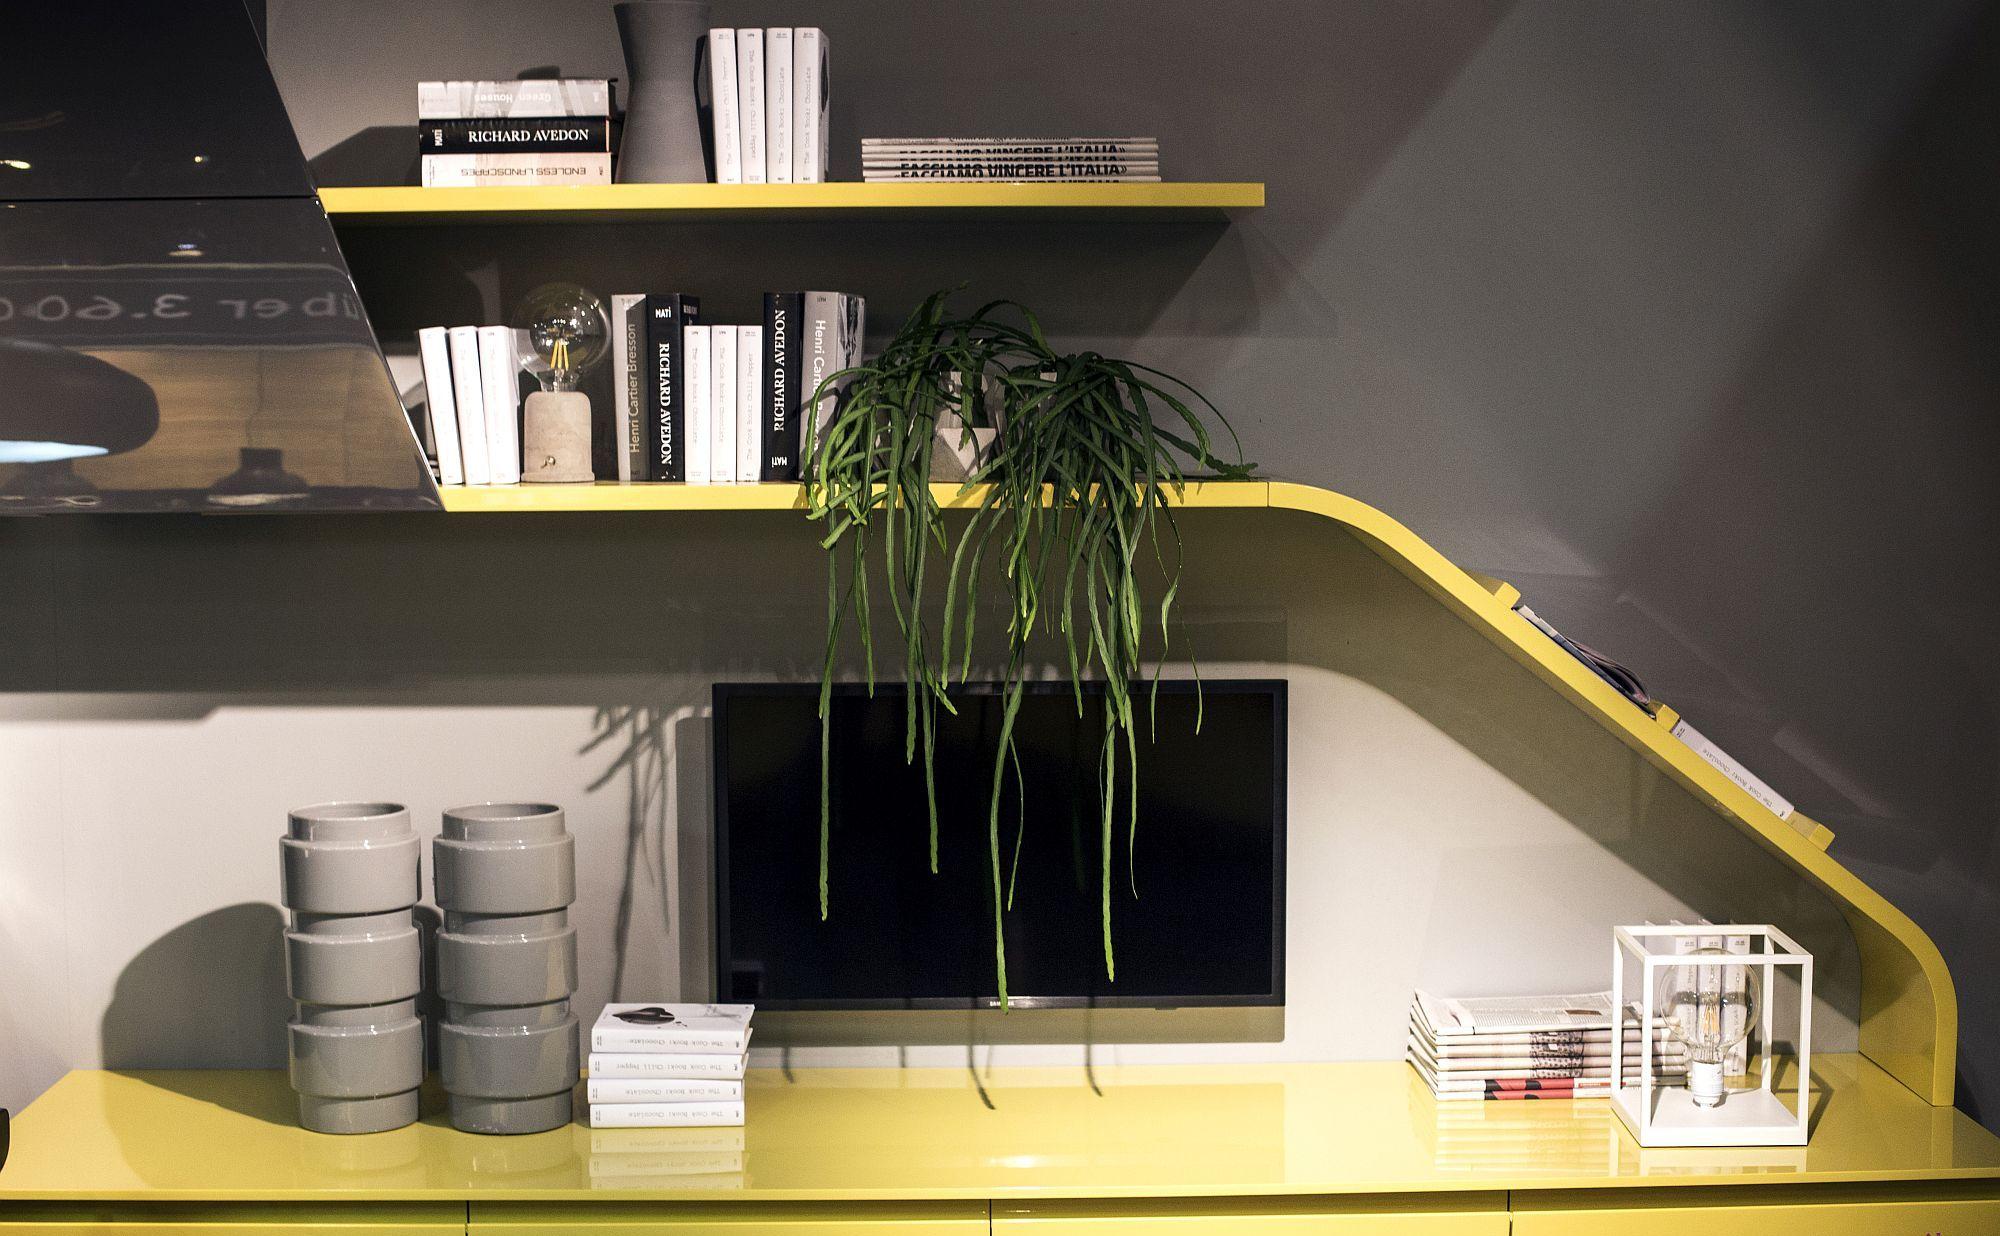 Дизайн мебели для маленькой кухни: небольшая зона для готовки